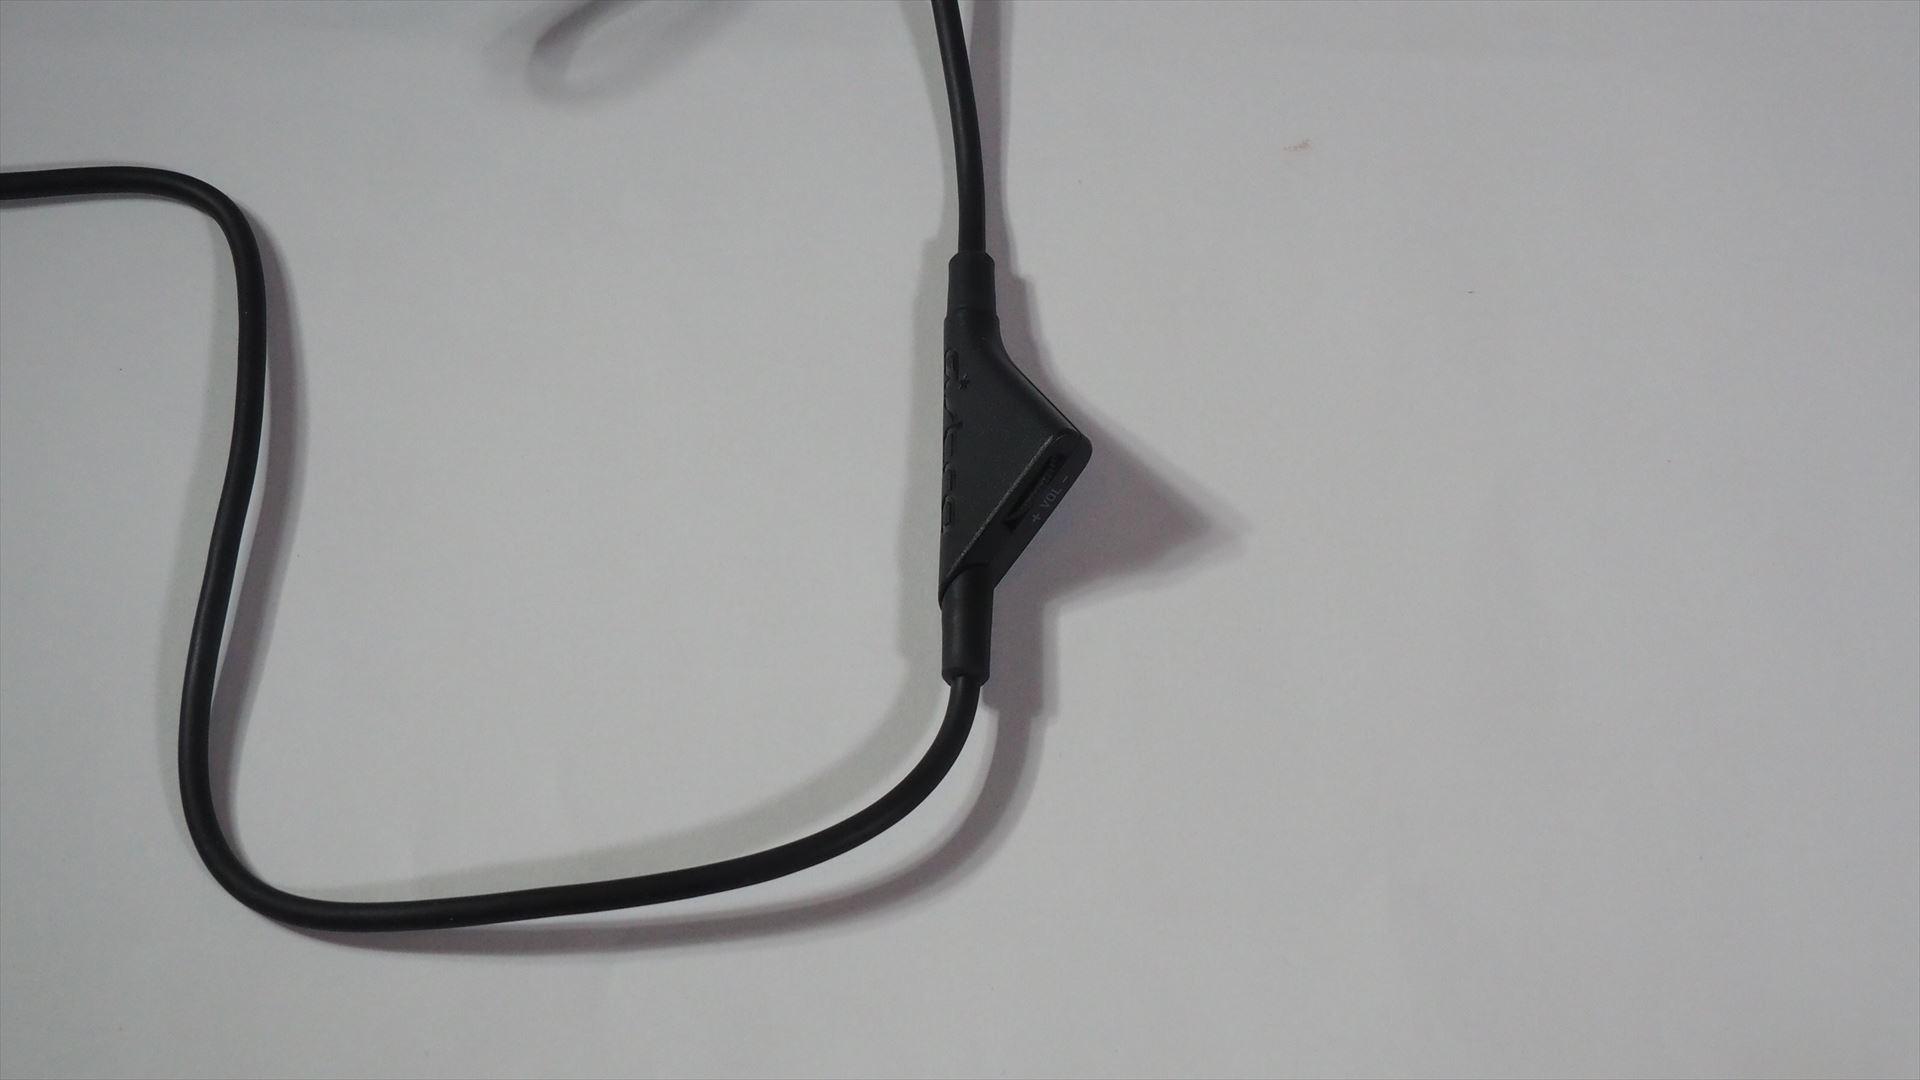 インライン音量コントロールケーブルは途中に音量コントロールつまみが用意されている